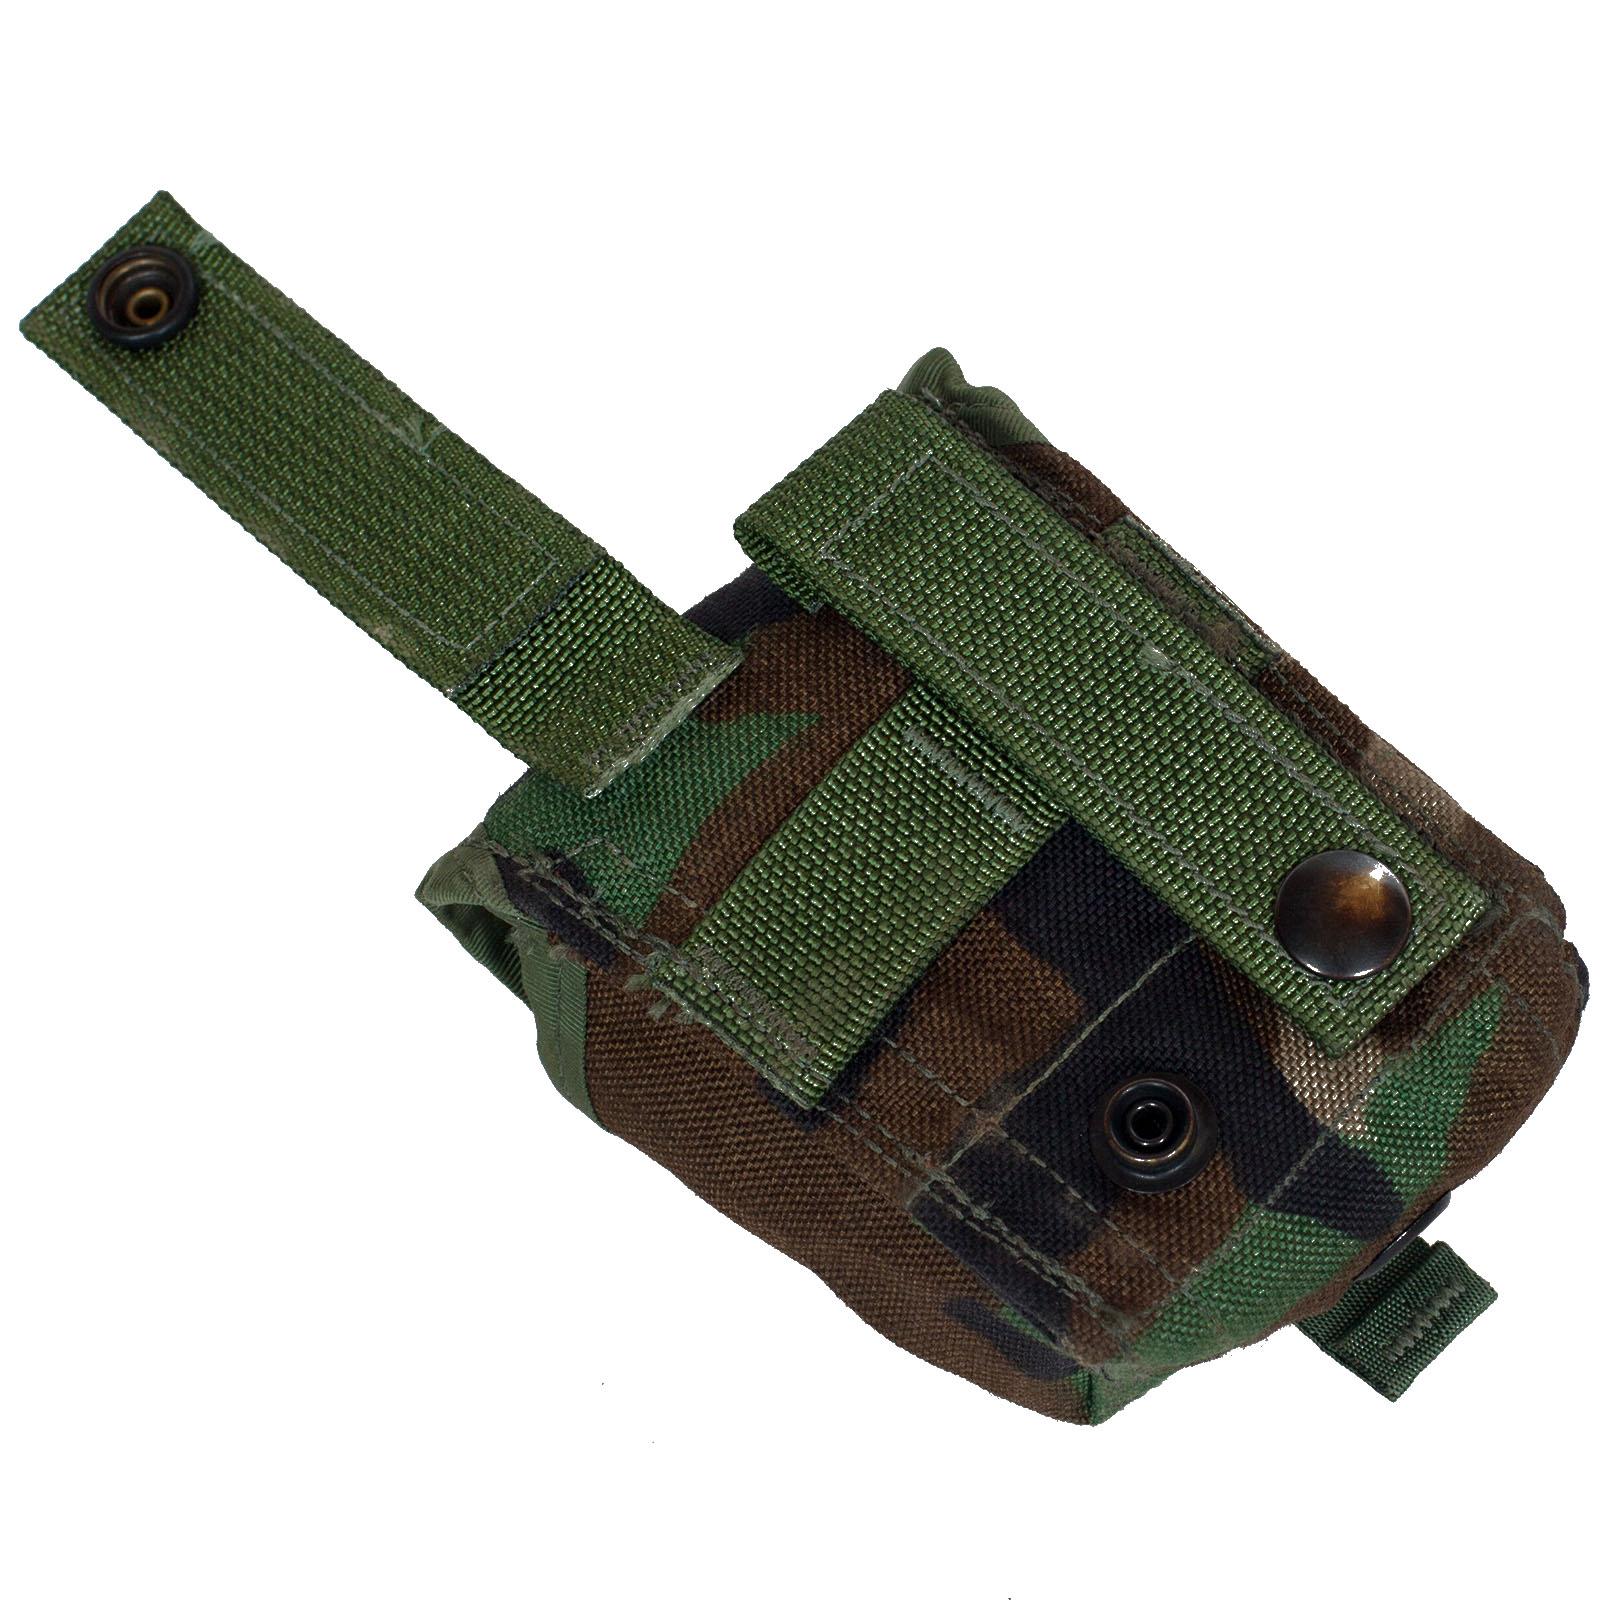 Подсумок MOLLE для ручной гранаты, камуфляж Woodland по лучшей цене